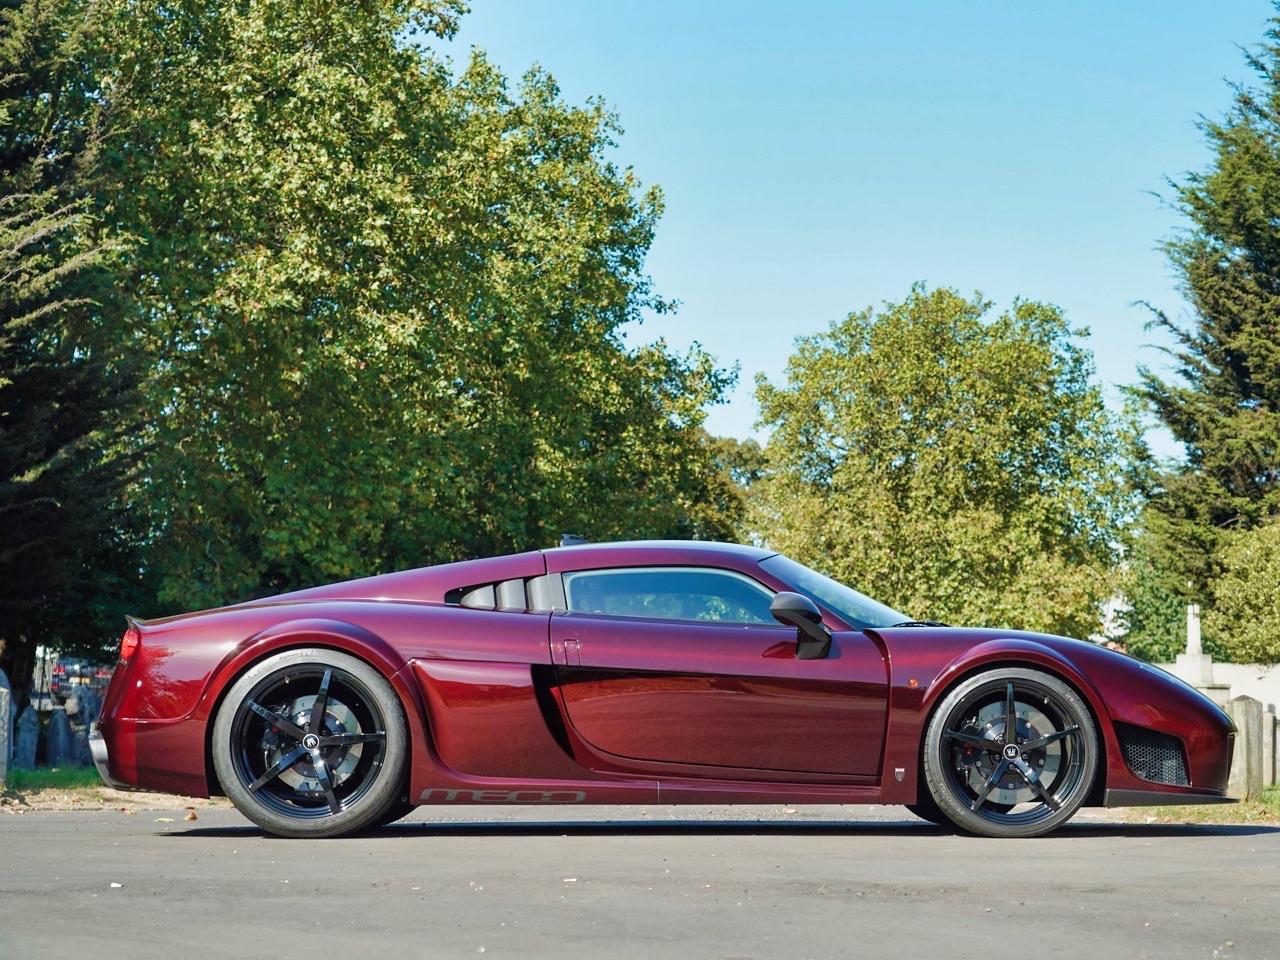 Noble M600 CarbonSport - Va y avoir du carbone et du... sport ! 10